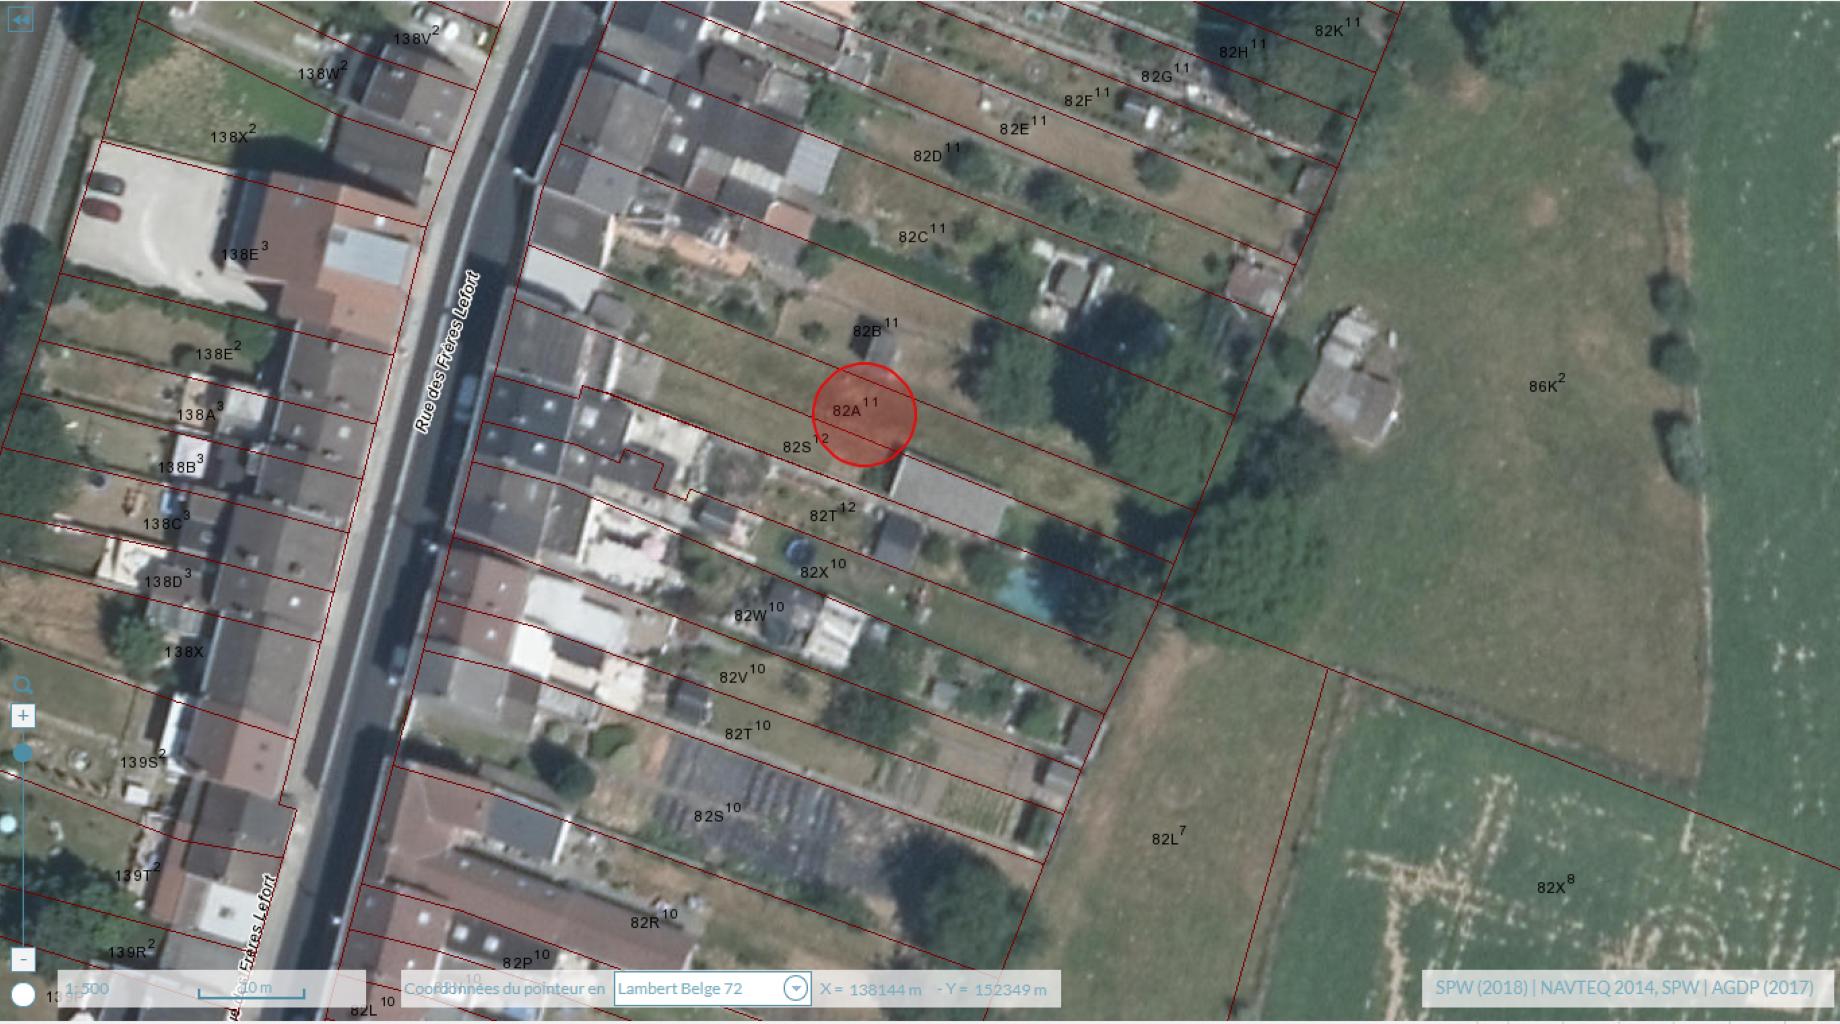 Terrain à bâtir - Tubize - #3928033-4